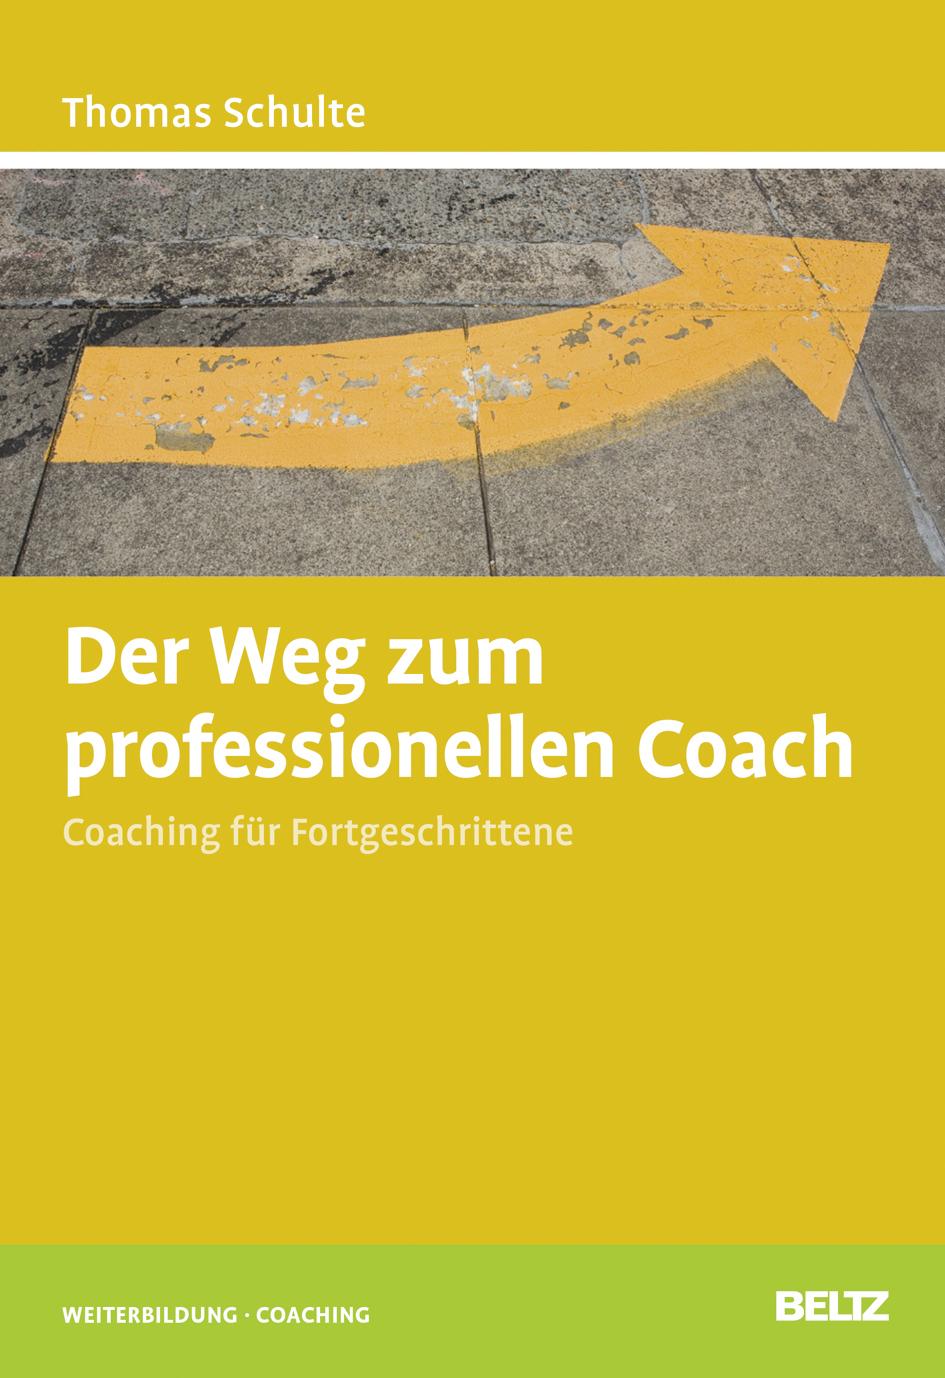 Der Weg zum professionellen Coach Thomas Schulte 9783407365279